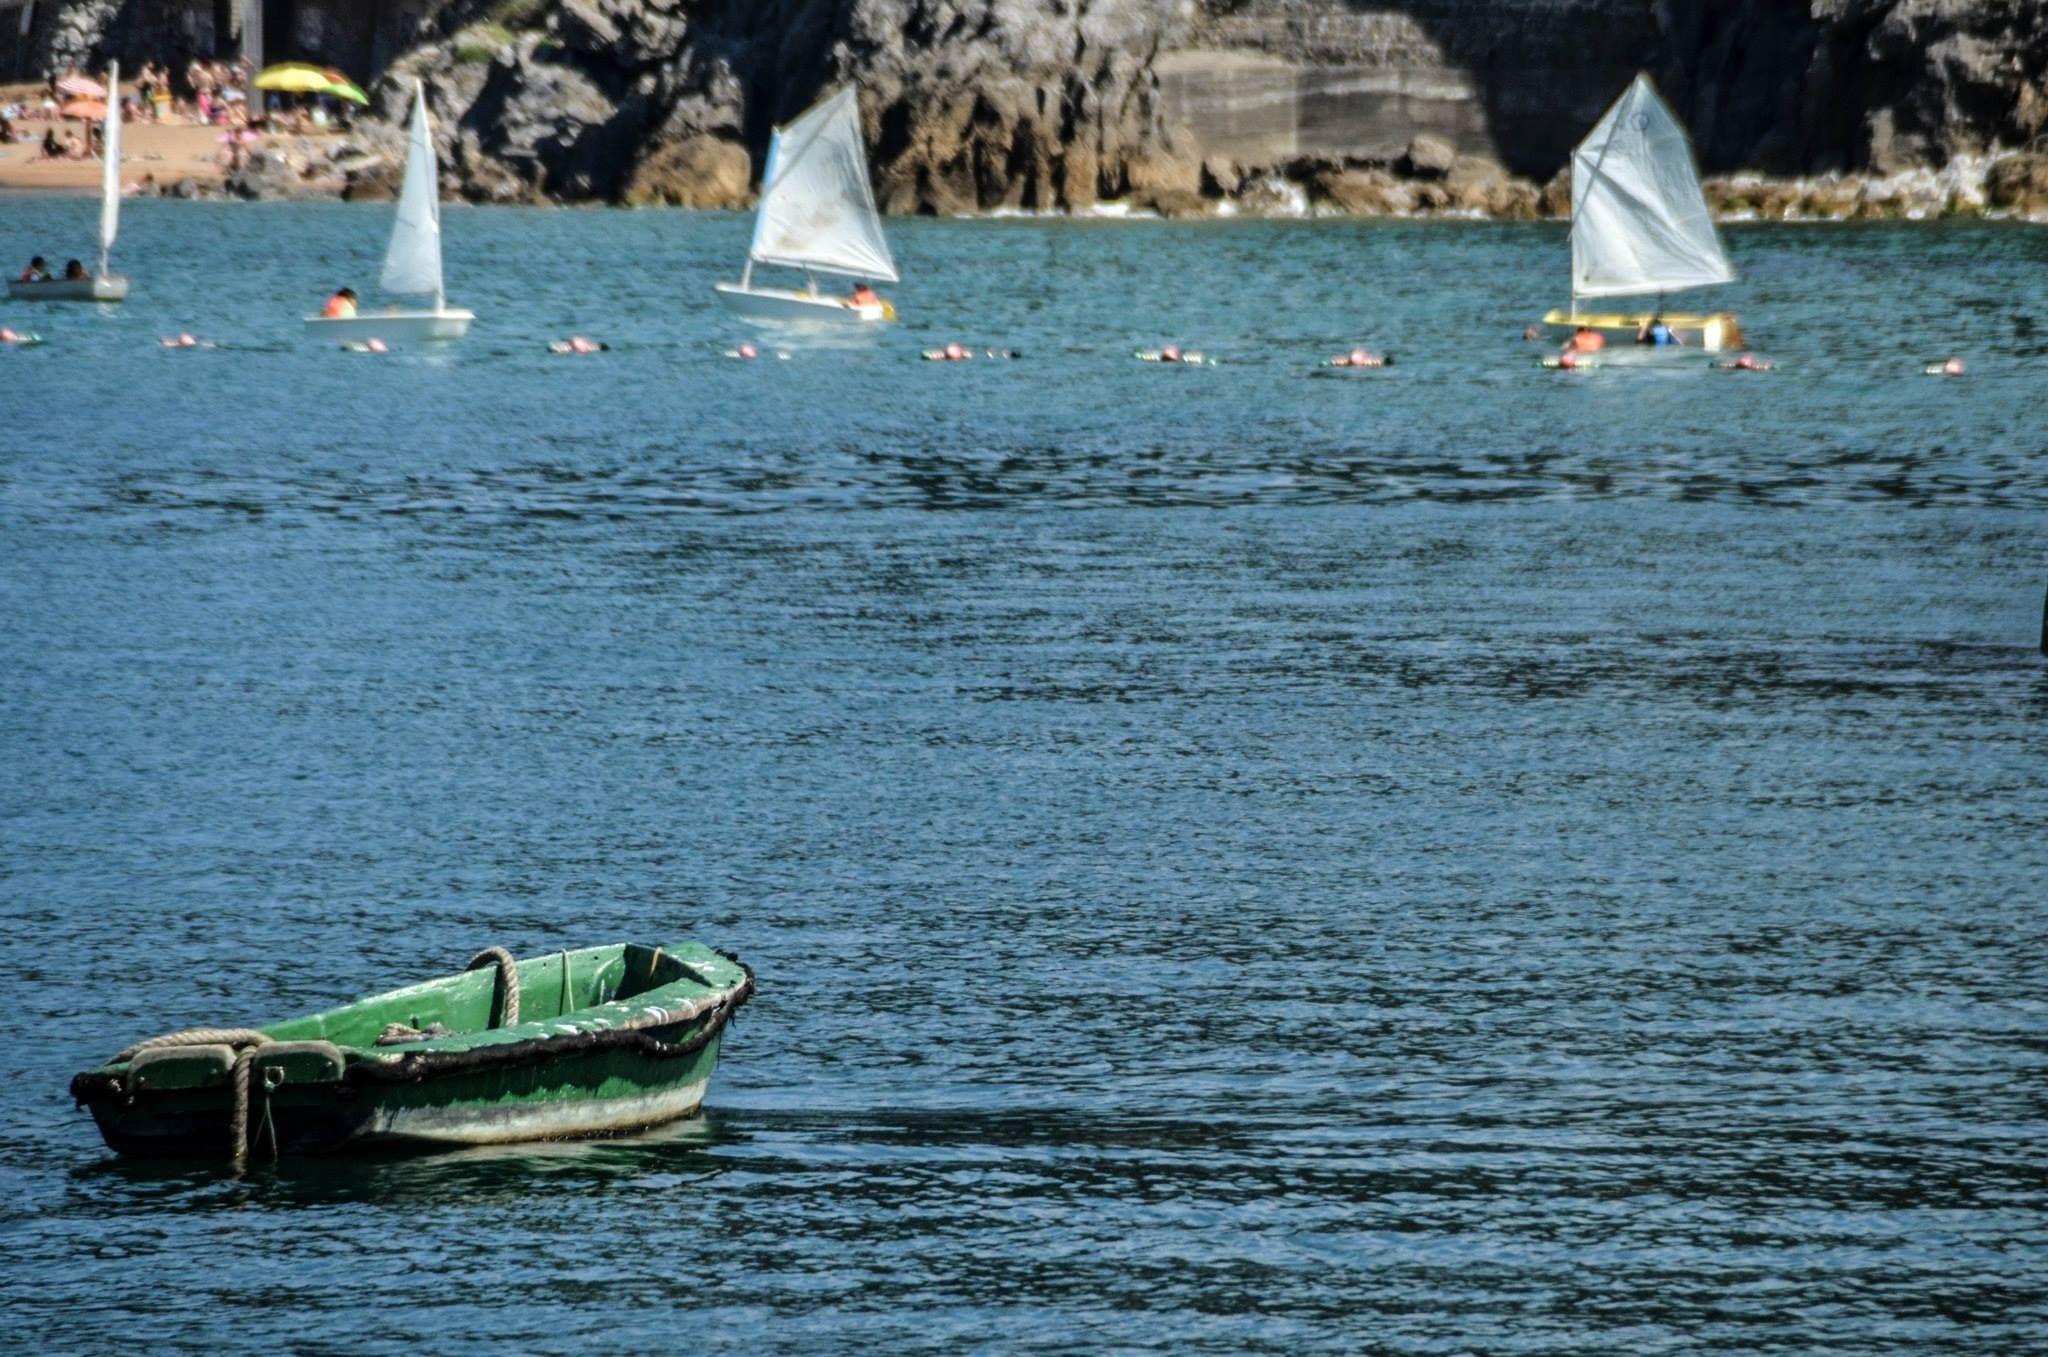 Barca verde contemplando a veleros que compiten by juanalopez